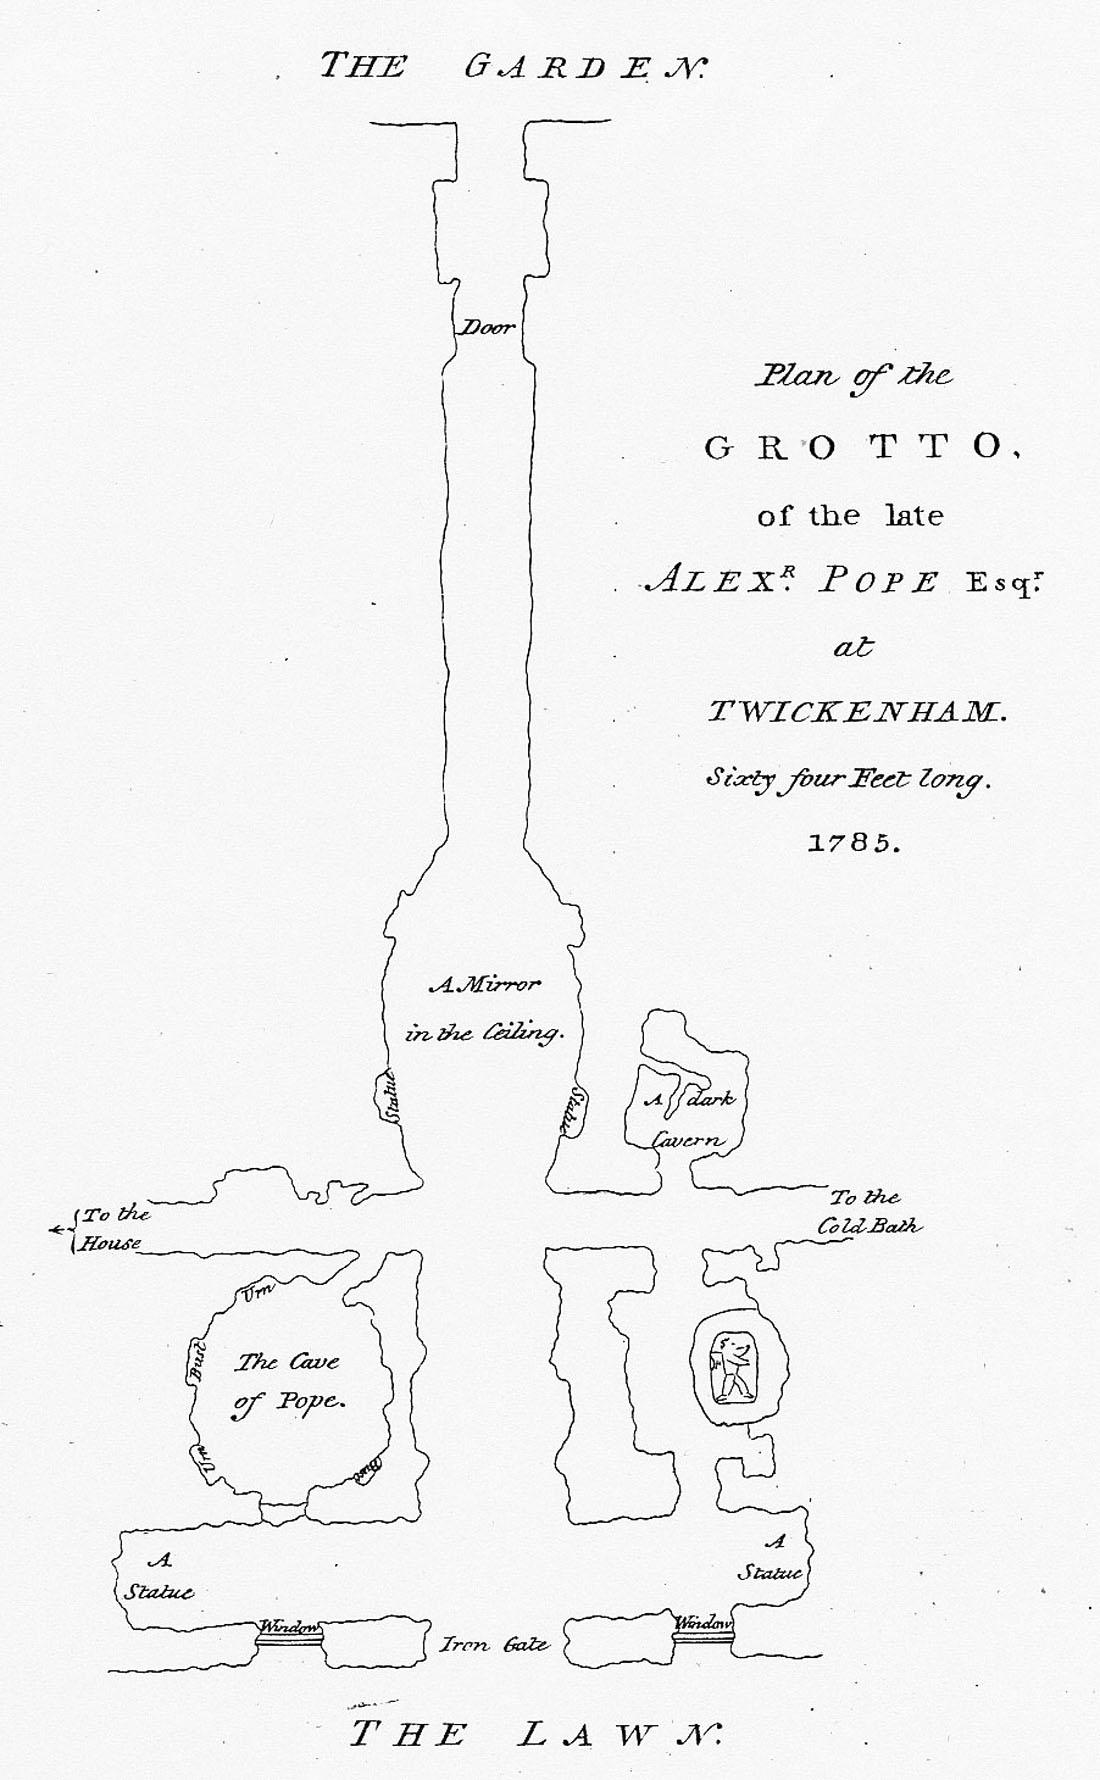 Samuel Lewis's 1785 Plan